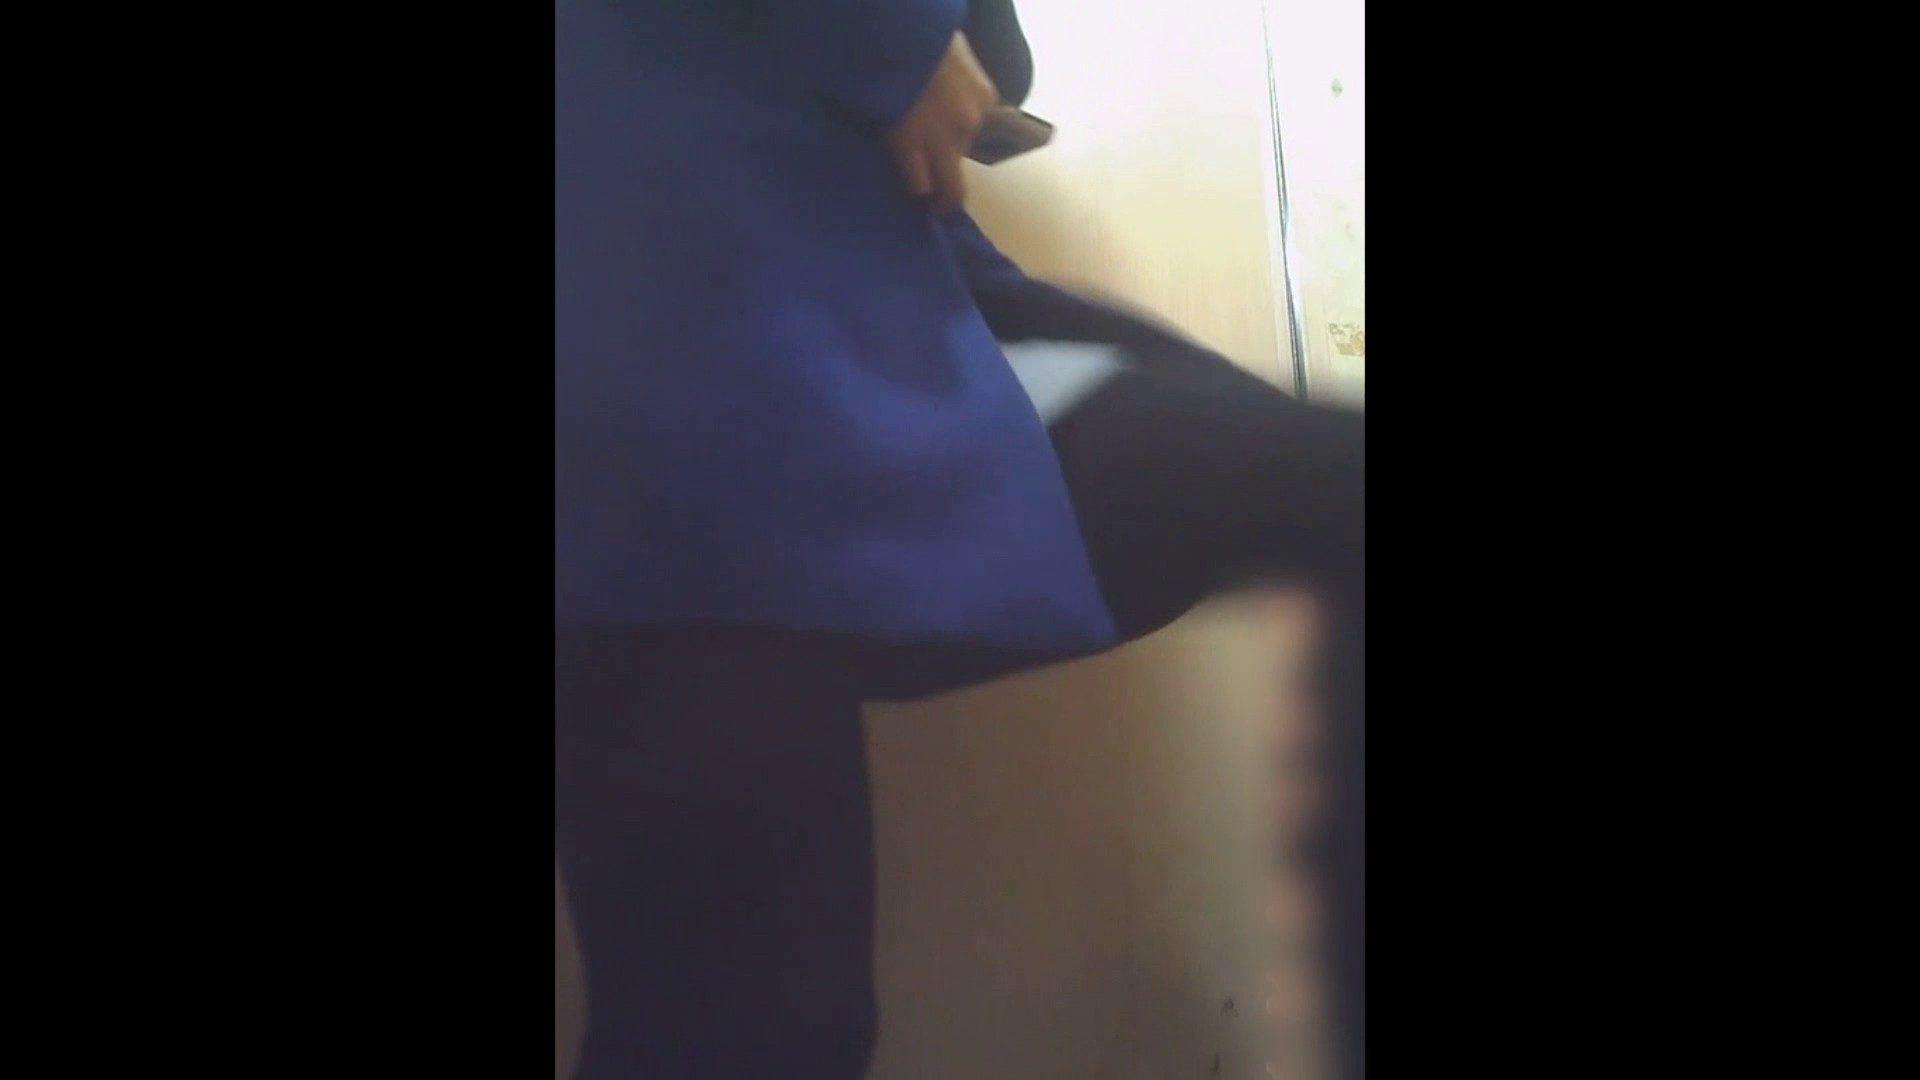 潜入!!韓国秘密のトイレ!Vol.04 盗撮 オマンコ動画キャプチャ 67PIX 18